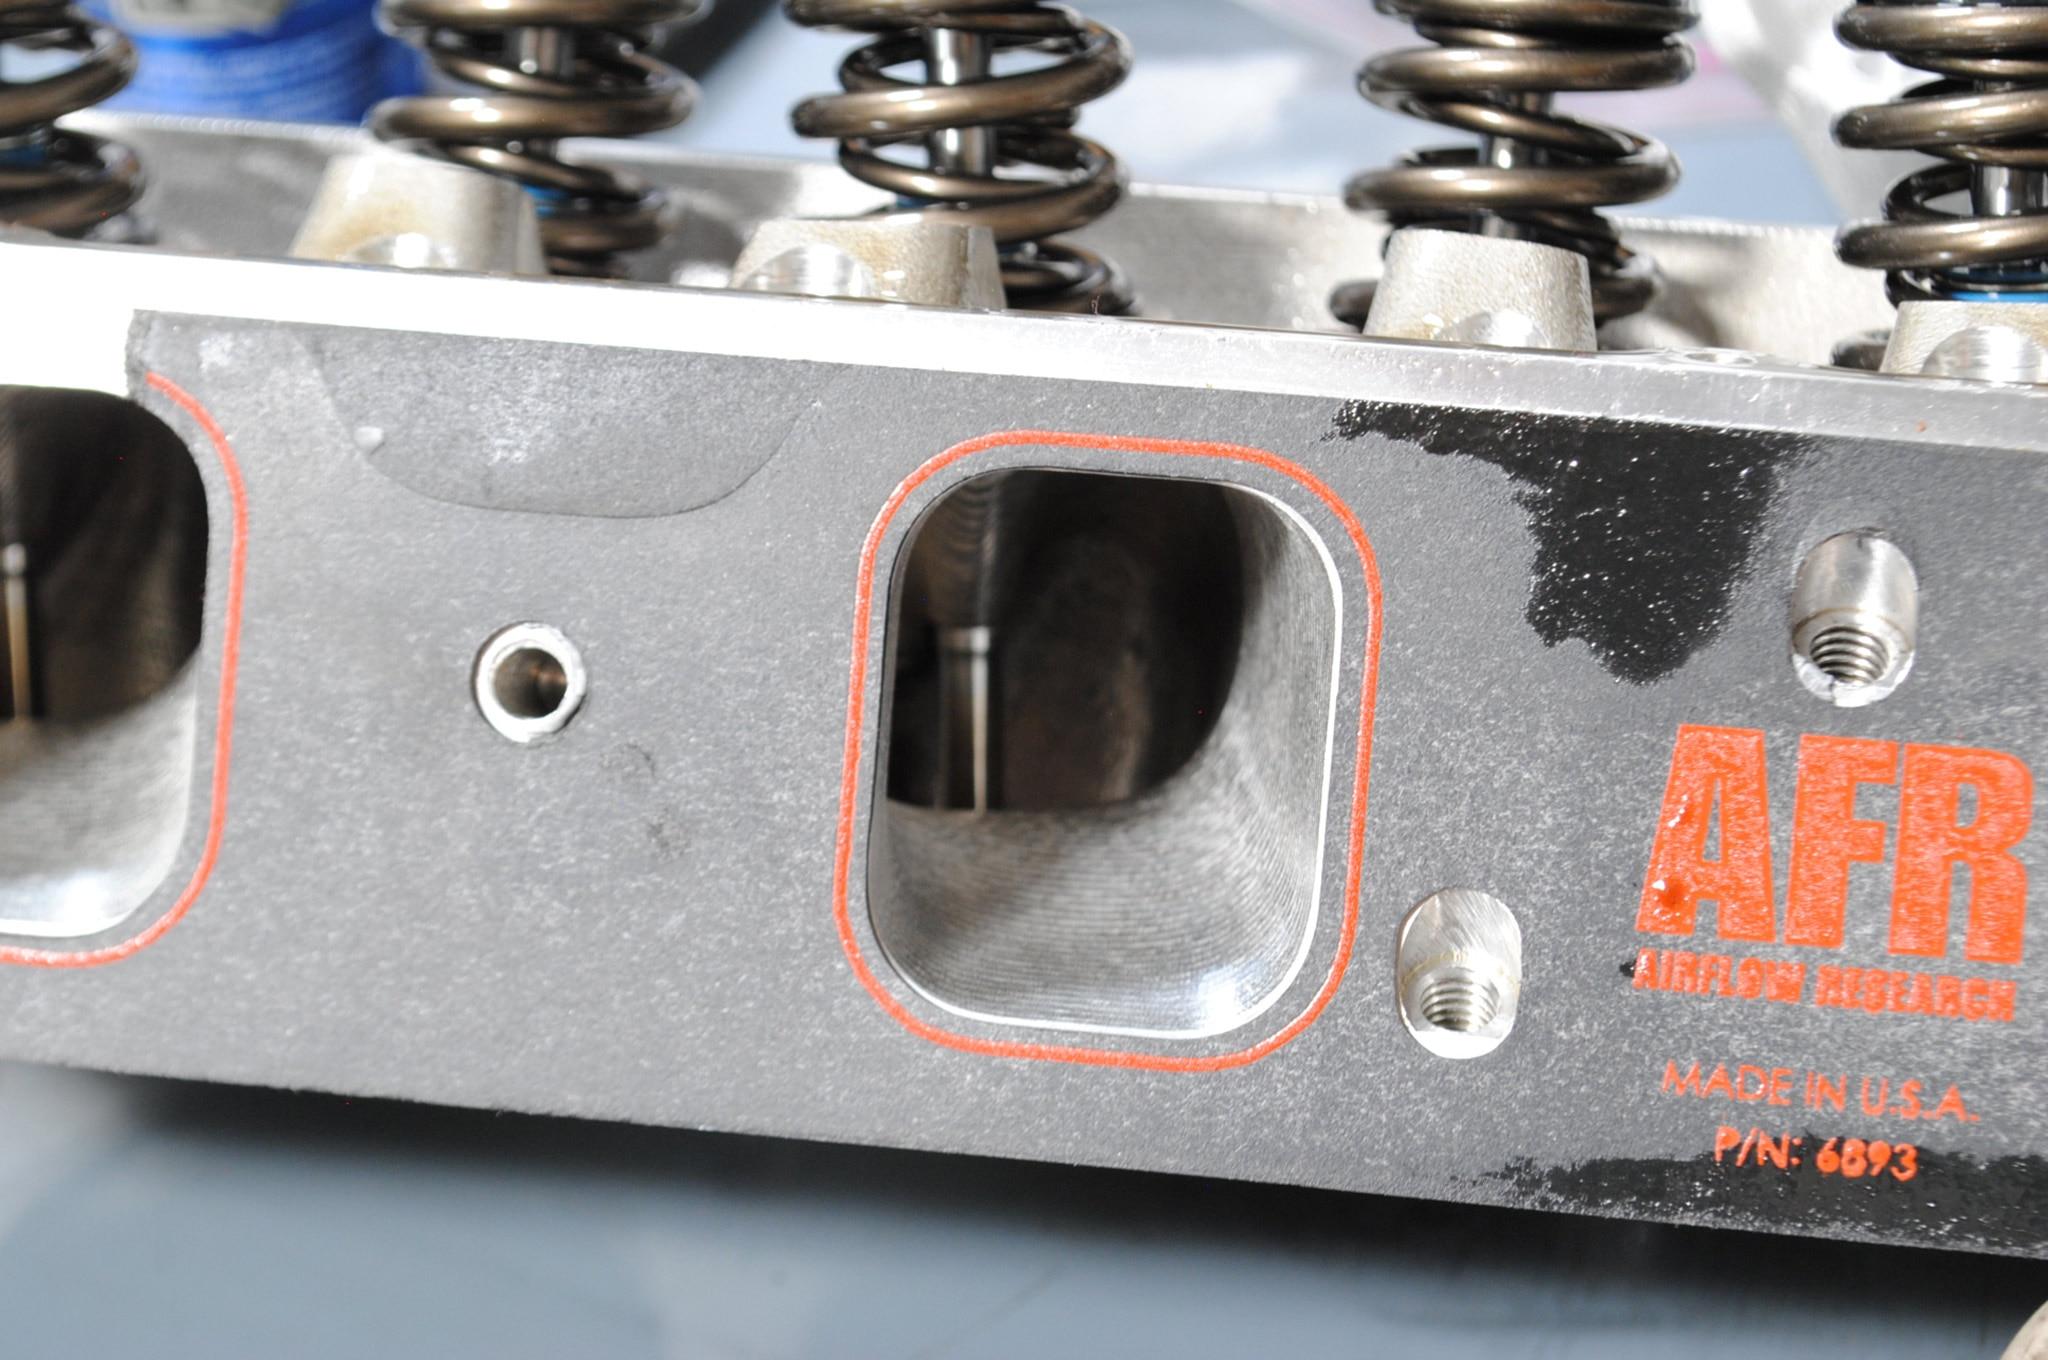 Afr 270 Big Block Ford Cylinder Head Test Intake Port